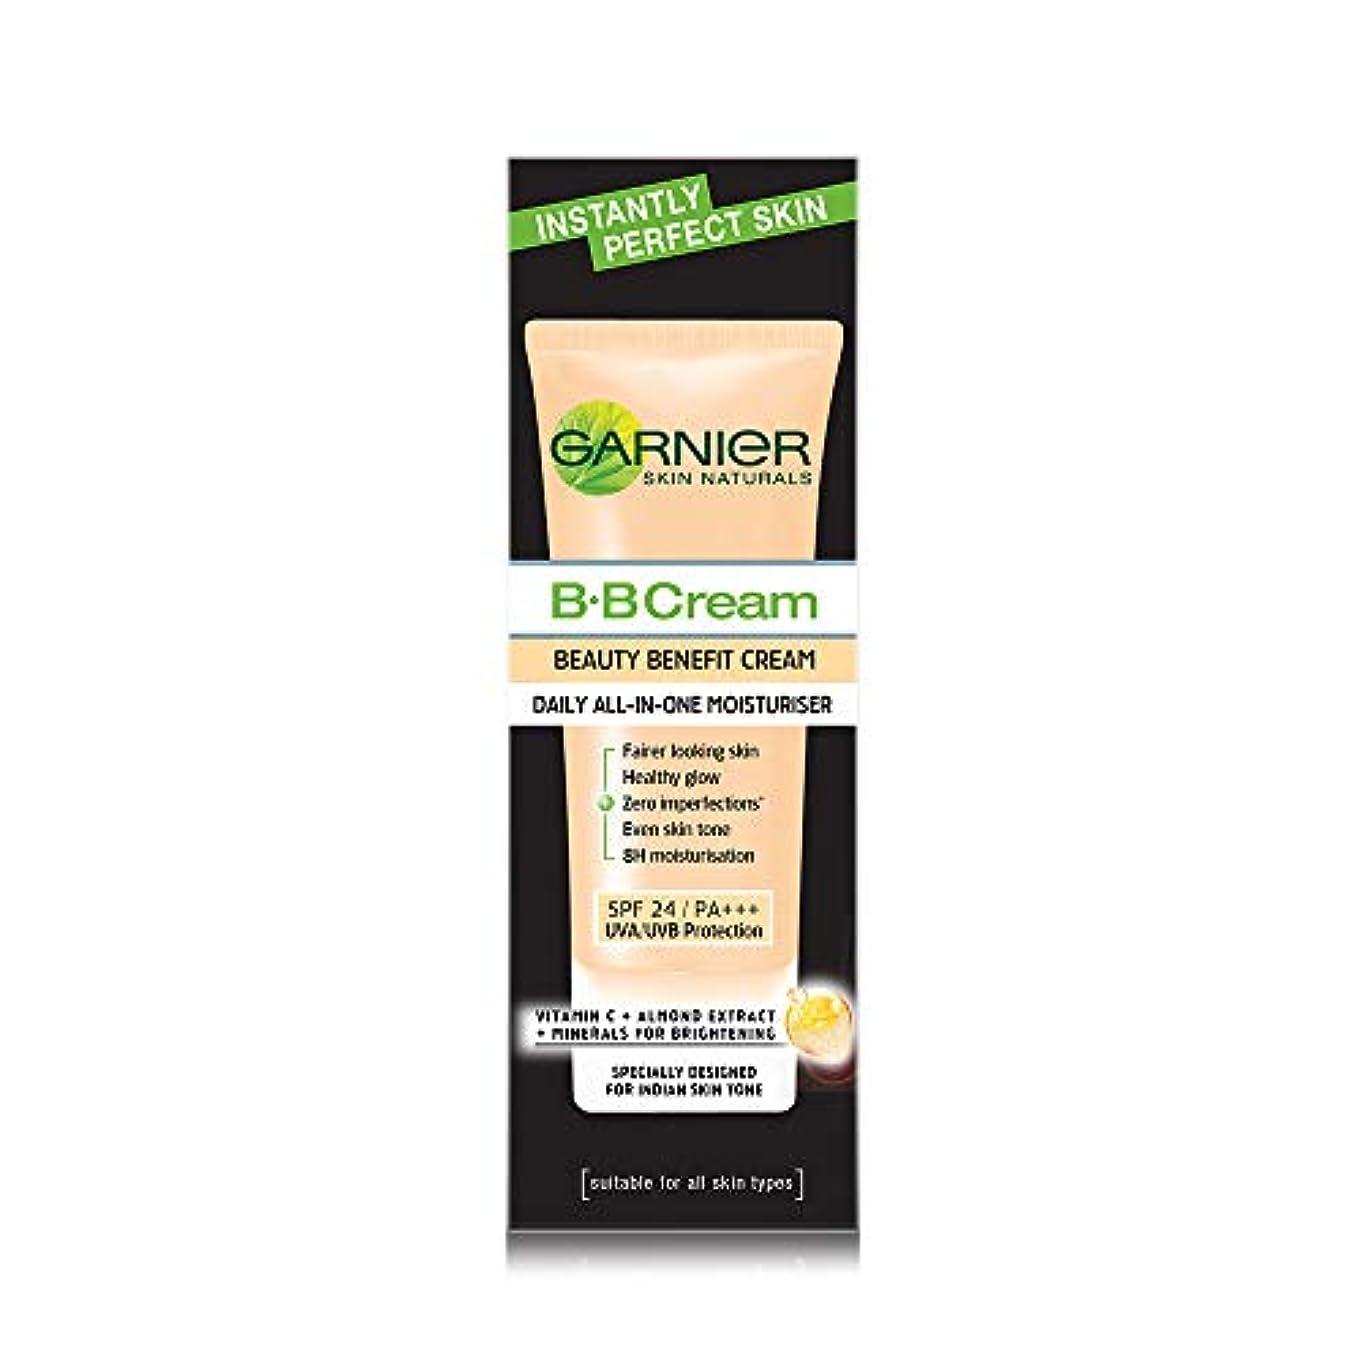 スコットランド人オリエンテーション思春期Garnier Skin Naturals Instantly Perfect Skin Perfector BB Cream, 30g